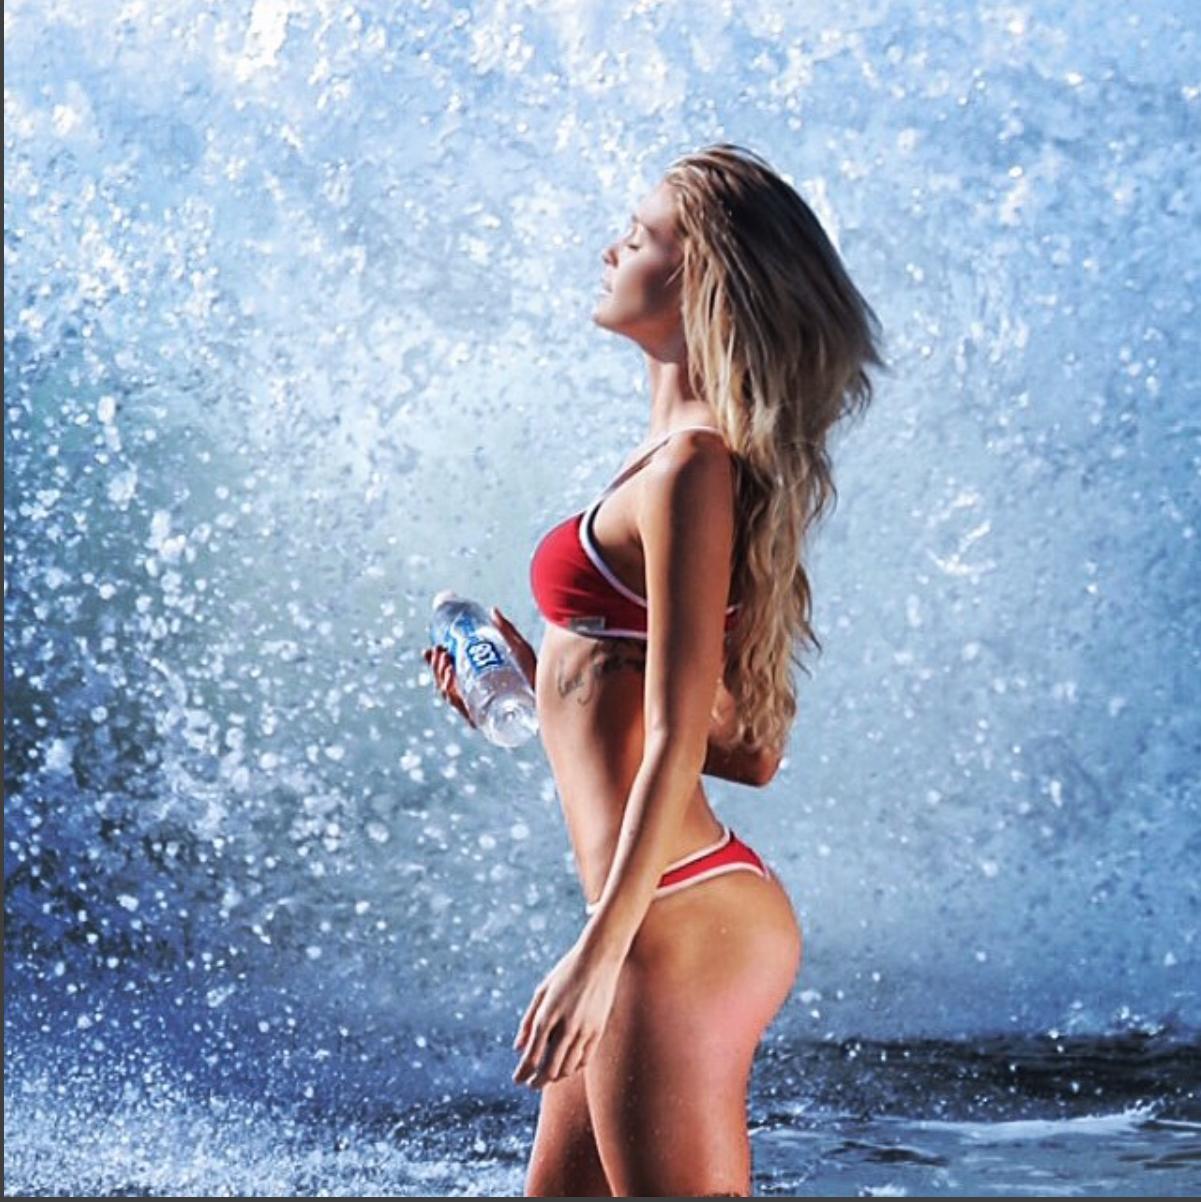 138 Water Model